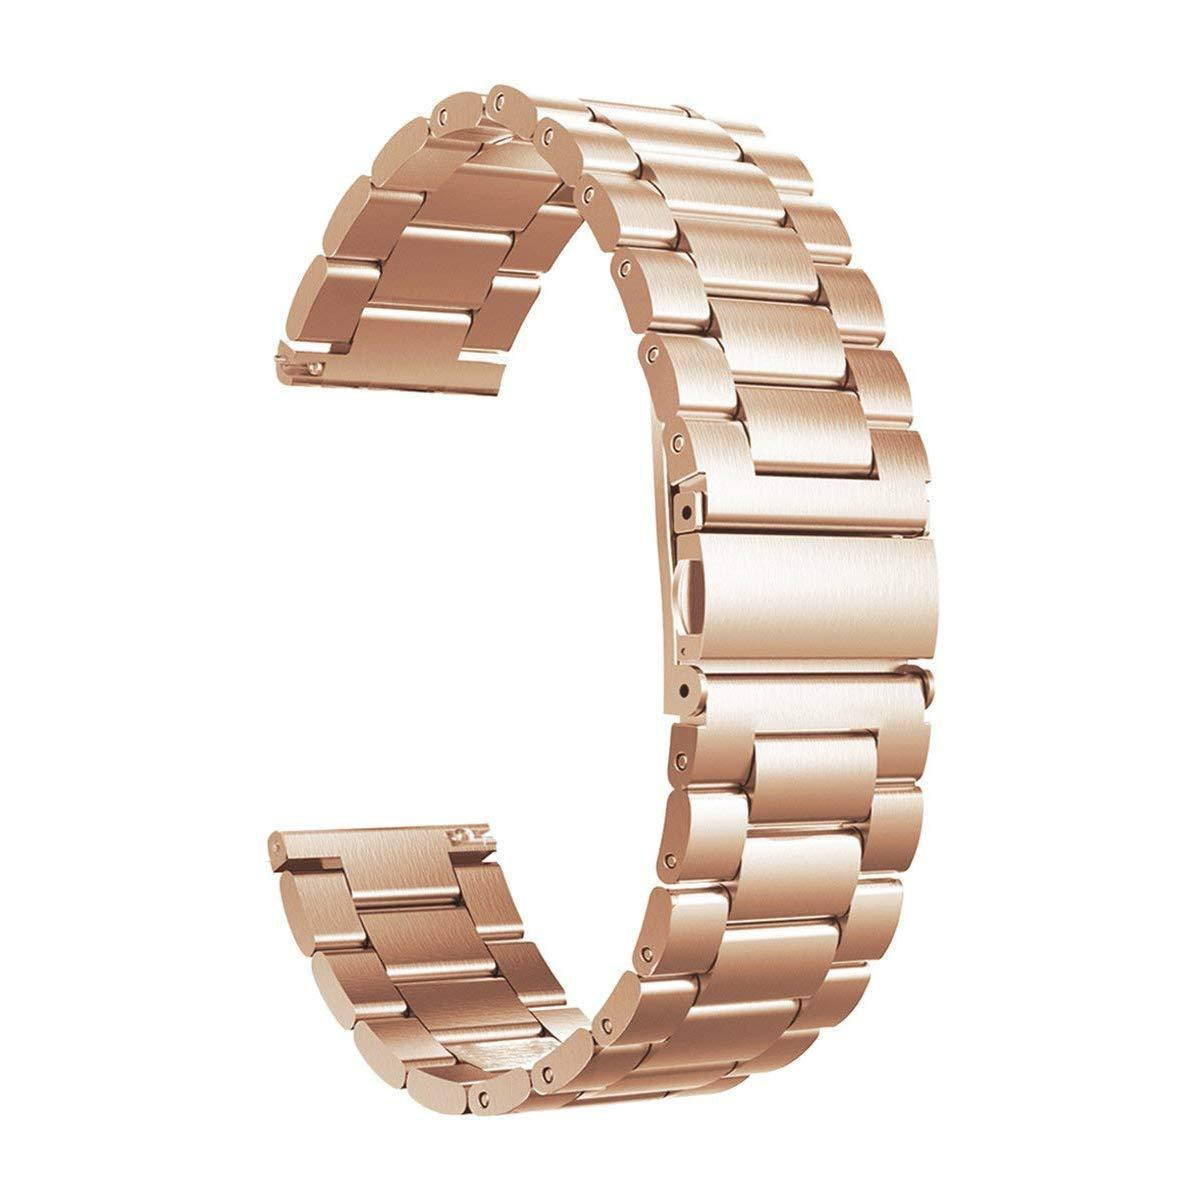 Ремешок BeWatch стальной браслет ширина 22мм Rose Gold (1020438.u)